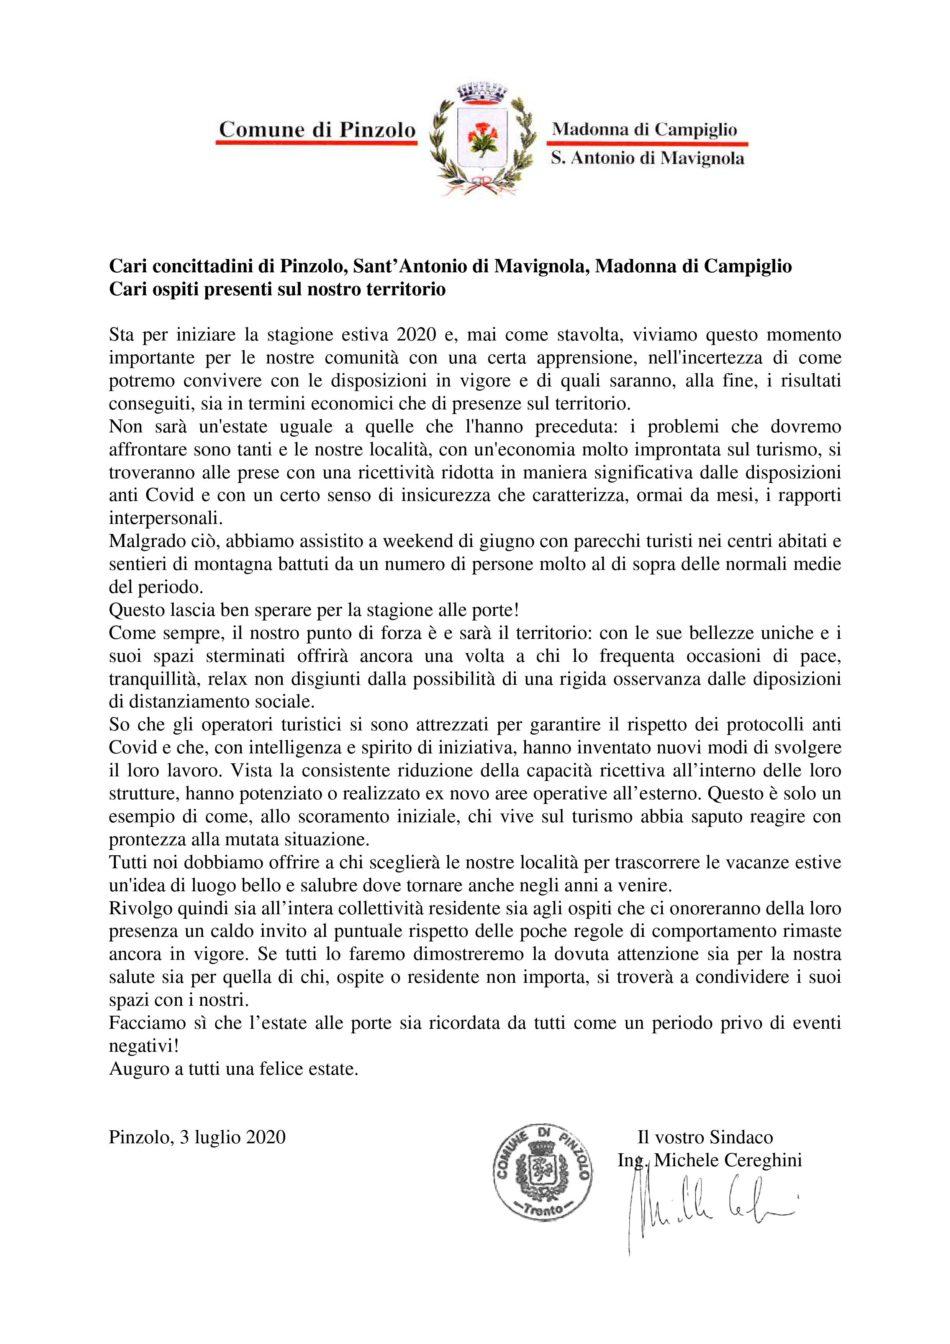 Cari Concittadini - Sindaco di Pinzolo